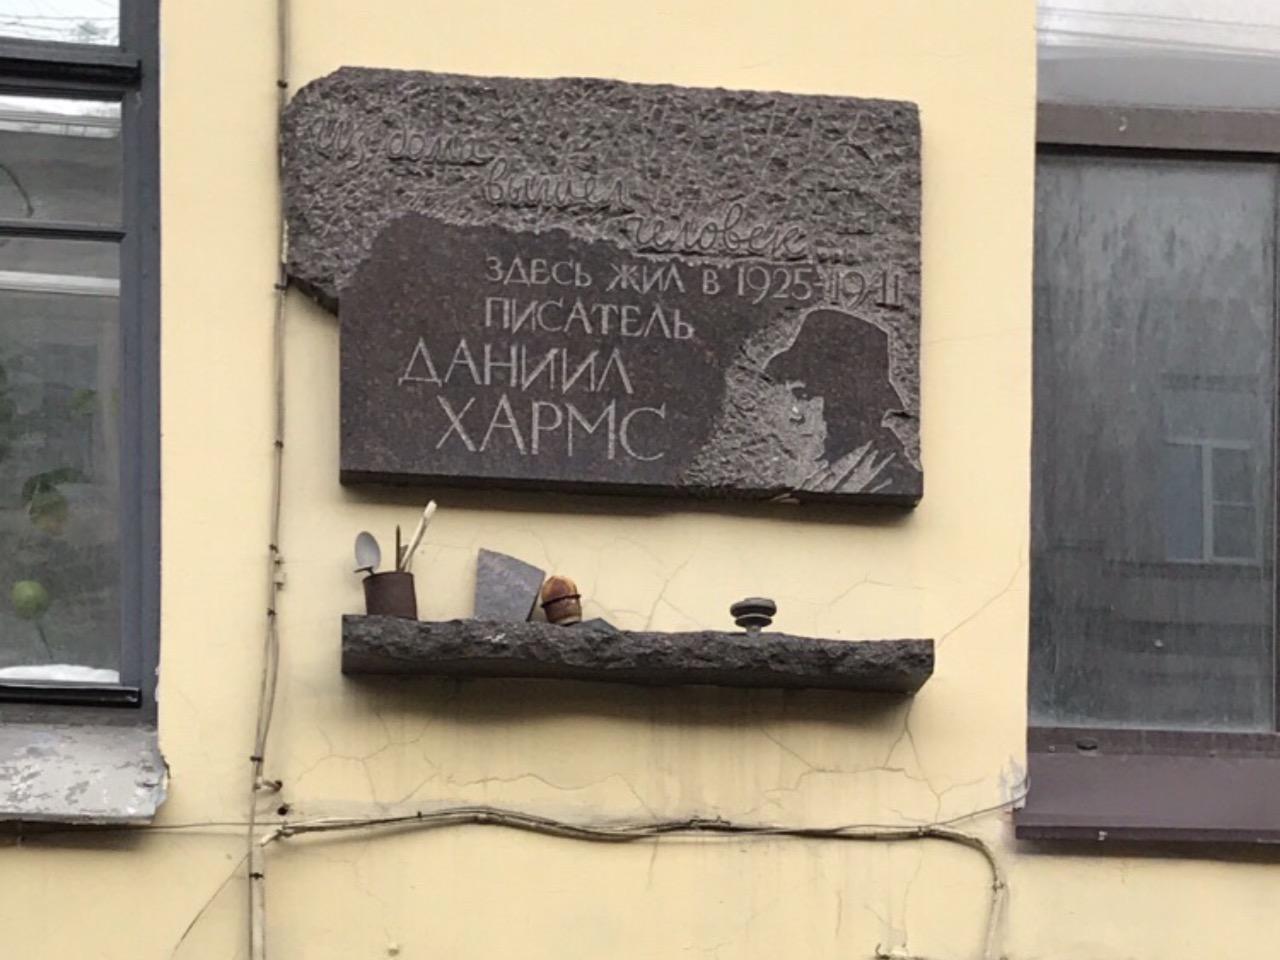 Репрессированное слово - групповая экскурсия по Санкт-Петербургу от опытного гида